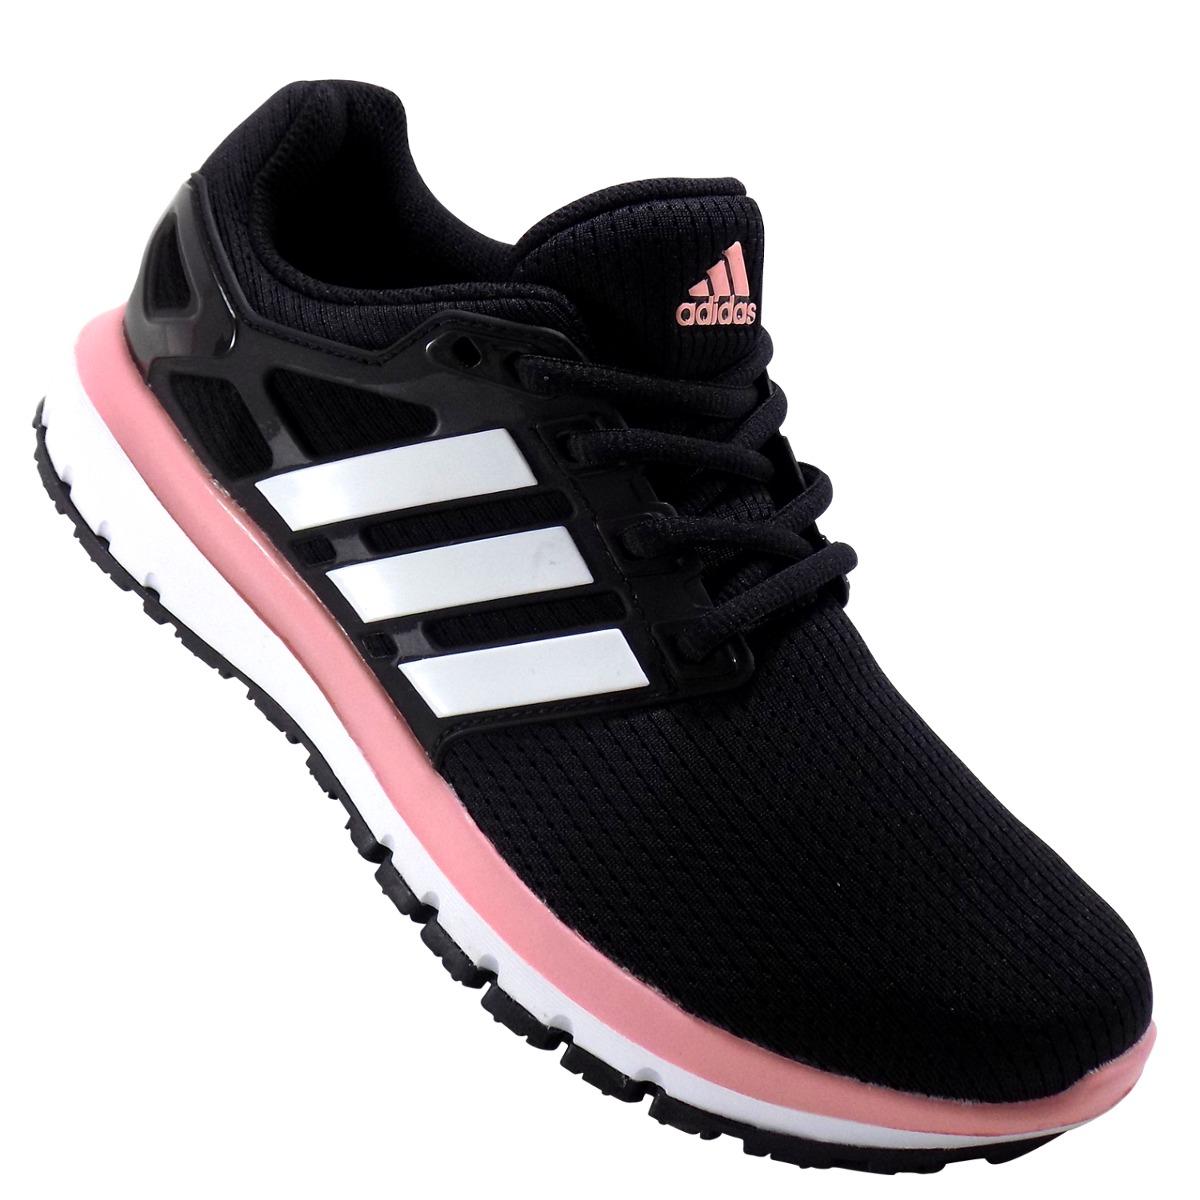 Tenis Energycloud Wtc Para Dama 00 Adidas 459 Running1 En 8nvmwN0O